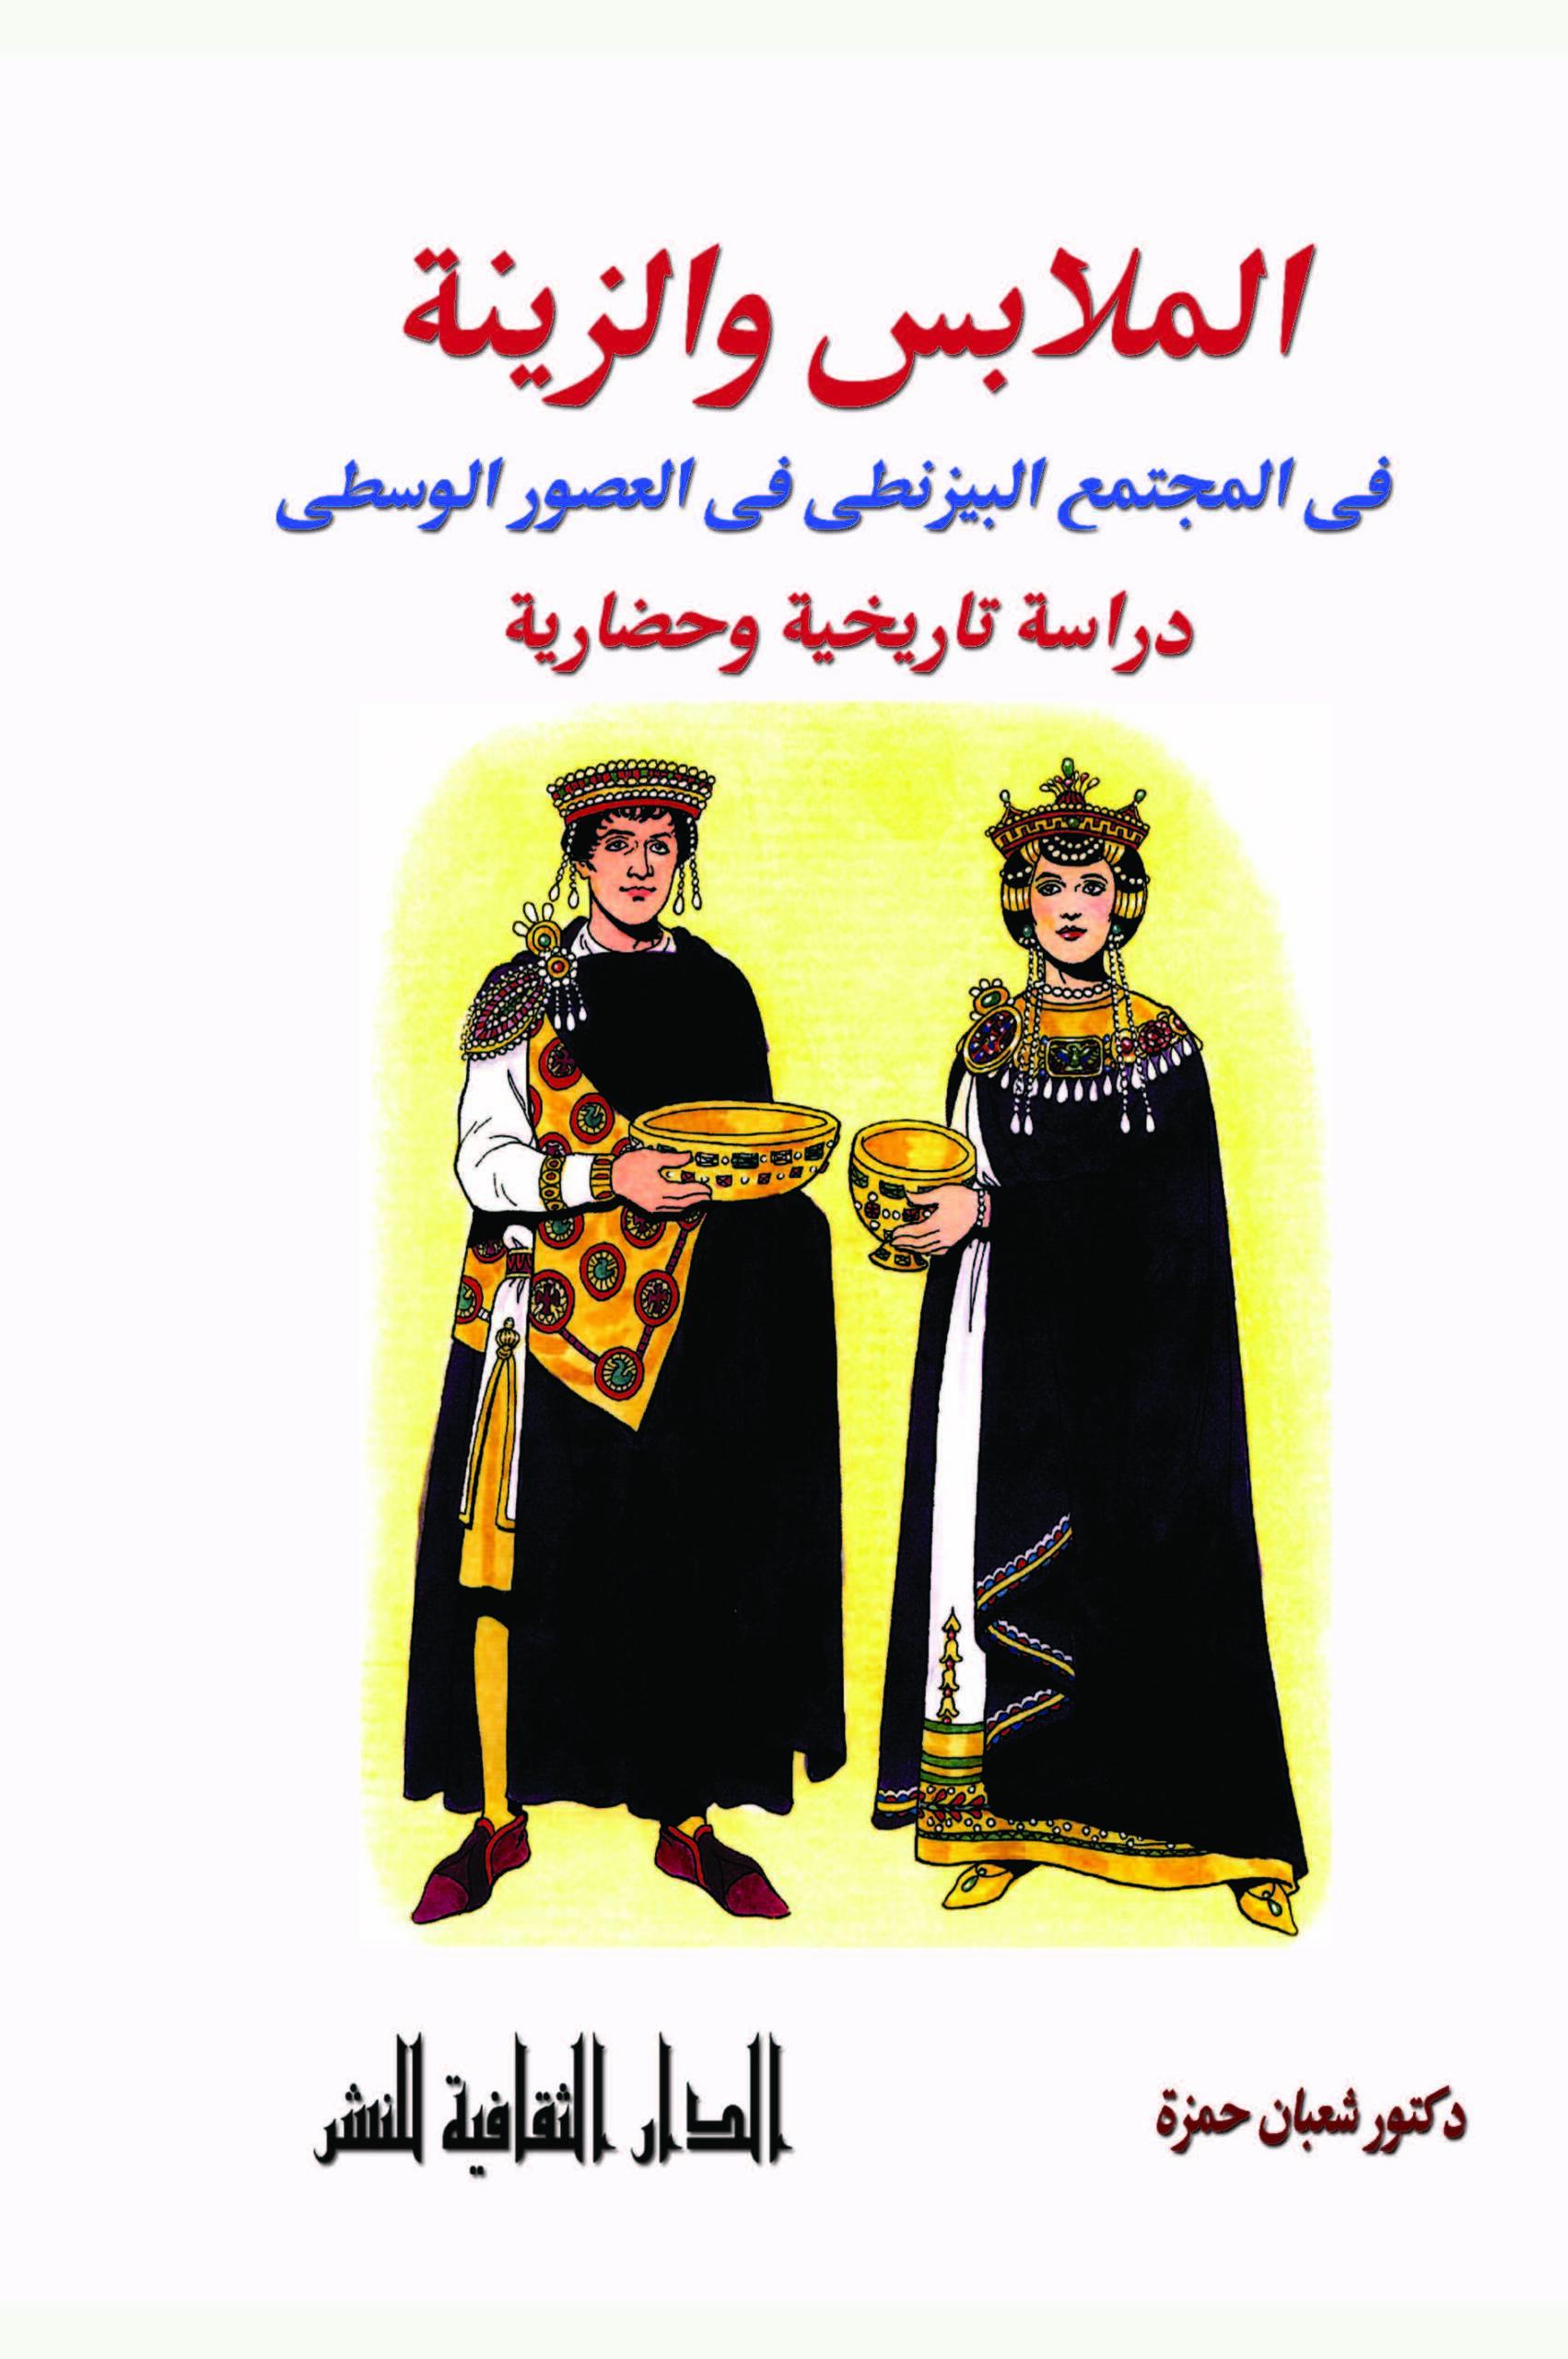 الملابس و الزينة فى المجتمع البيزنطى فى العصور الوسطى